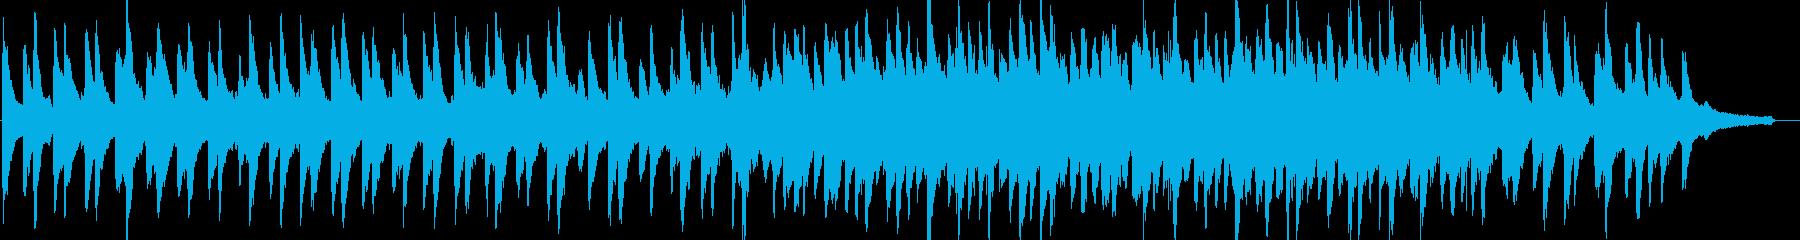 感動的・温かい・ピアノ・映像・イベント用の再生済みの波形